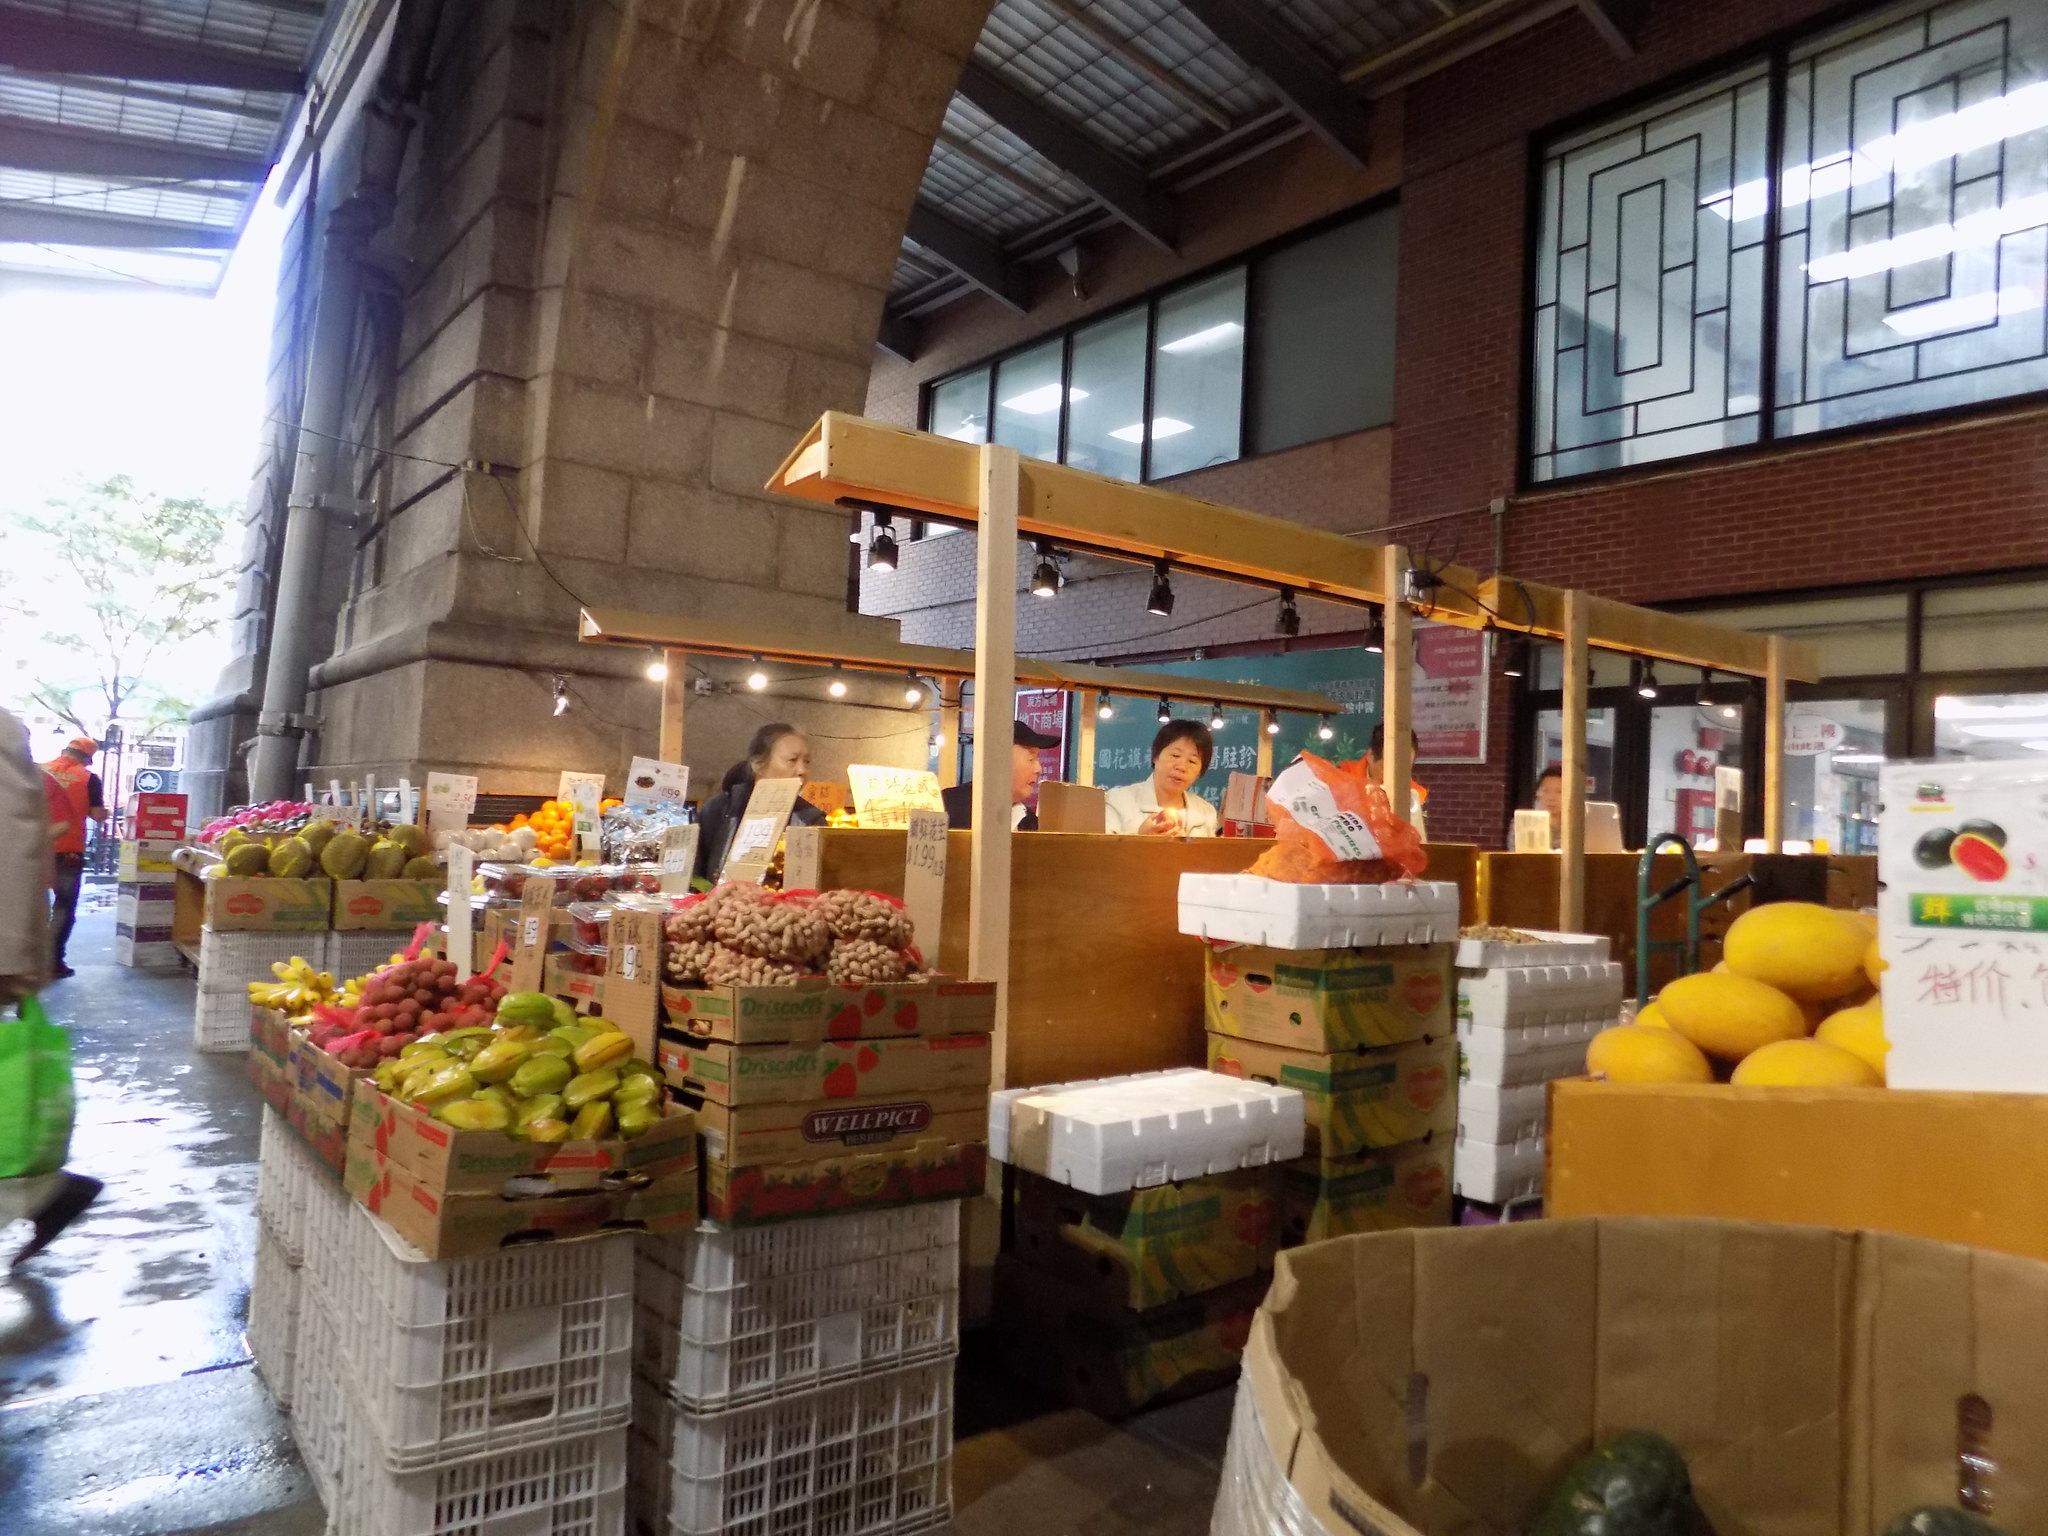 Chinatown_New York_2017-08-01-092147